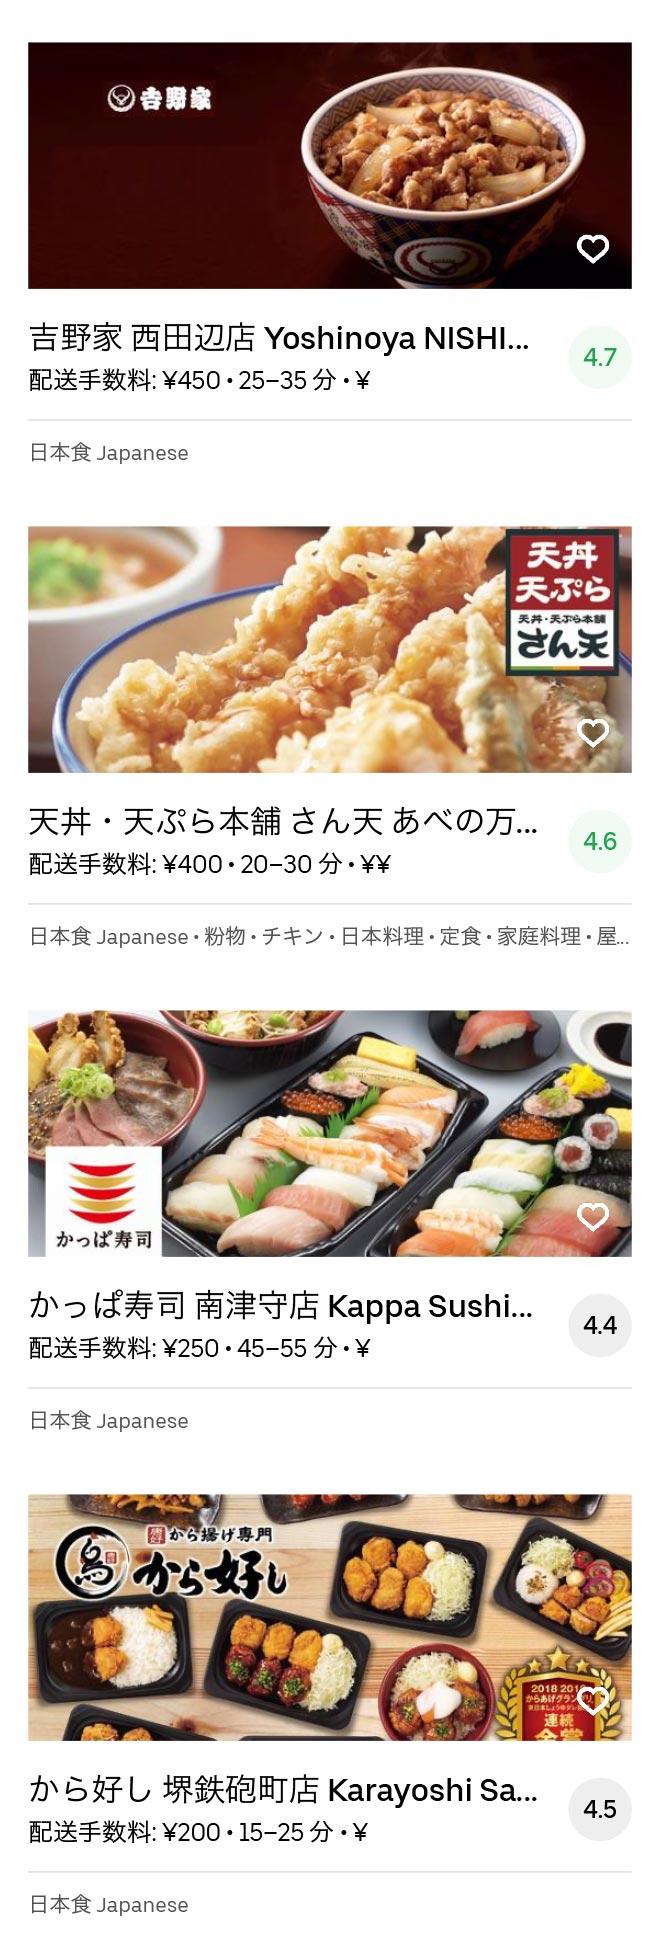 Osaka suminoe menu 2005 05